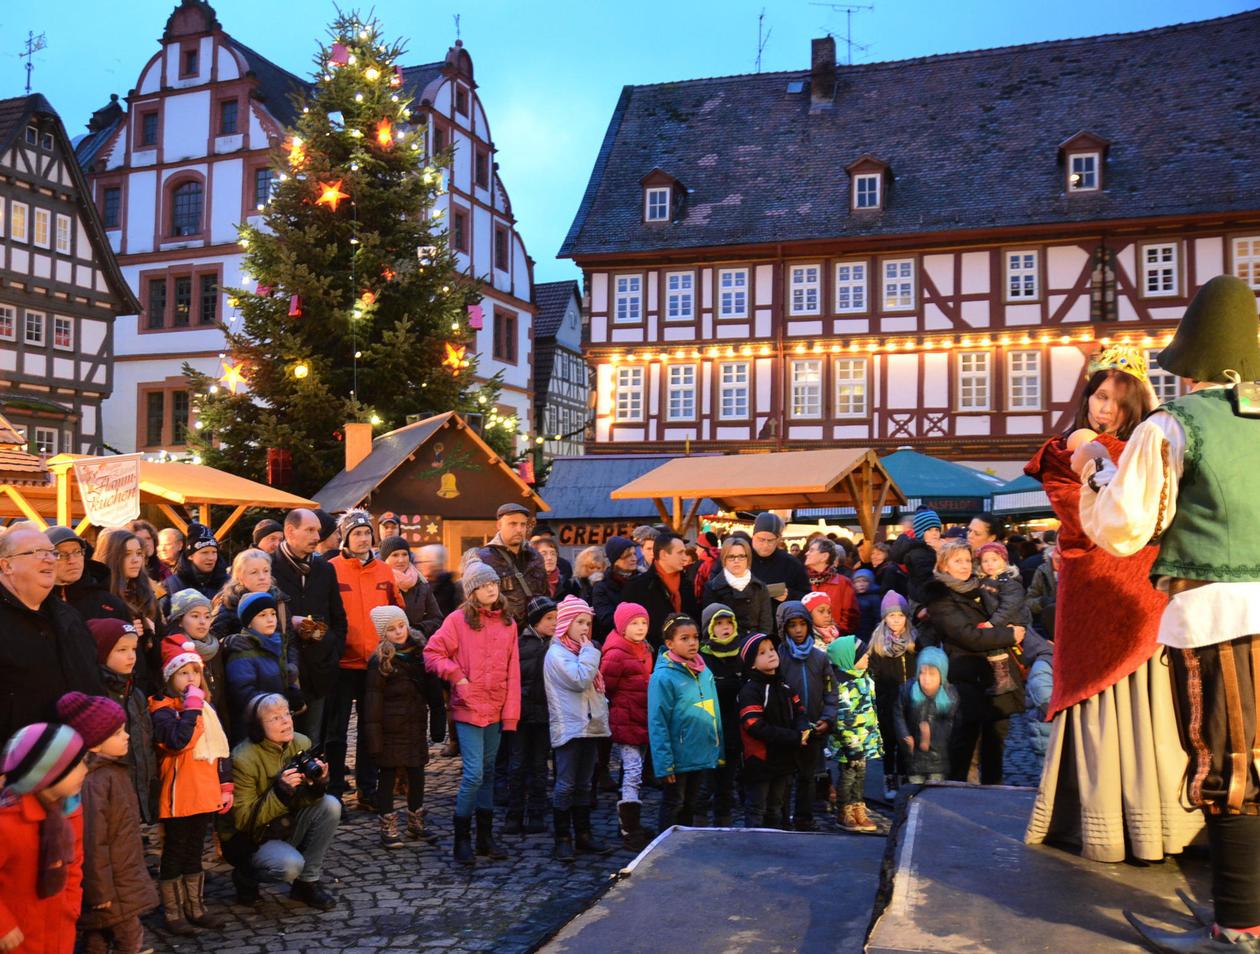 Alsfeld Weihnachtsmarkt.Heute Startet Der Weihnachtsmarkt In Alsfeld Alsfeld